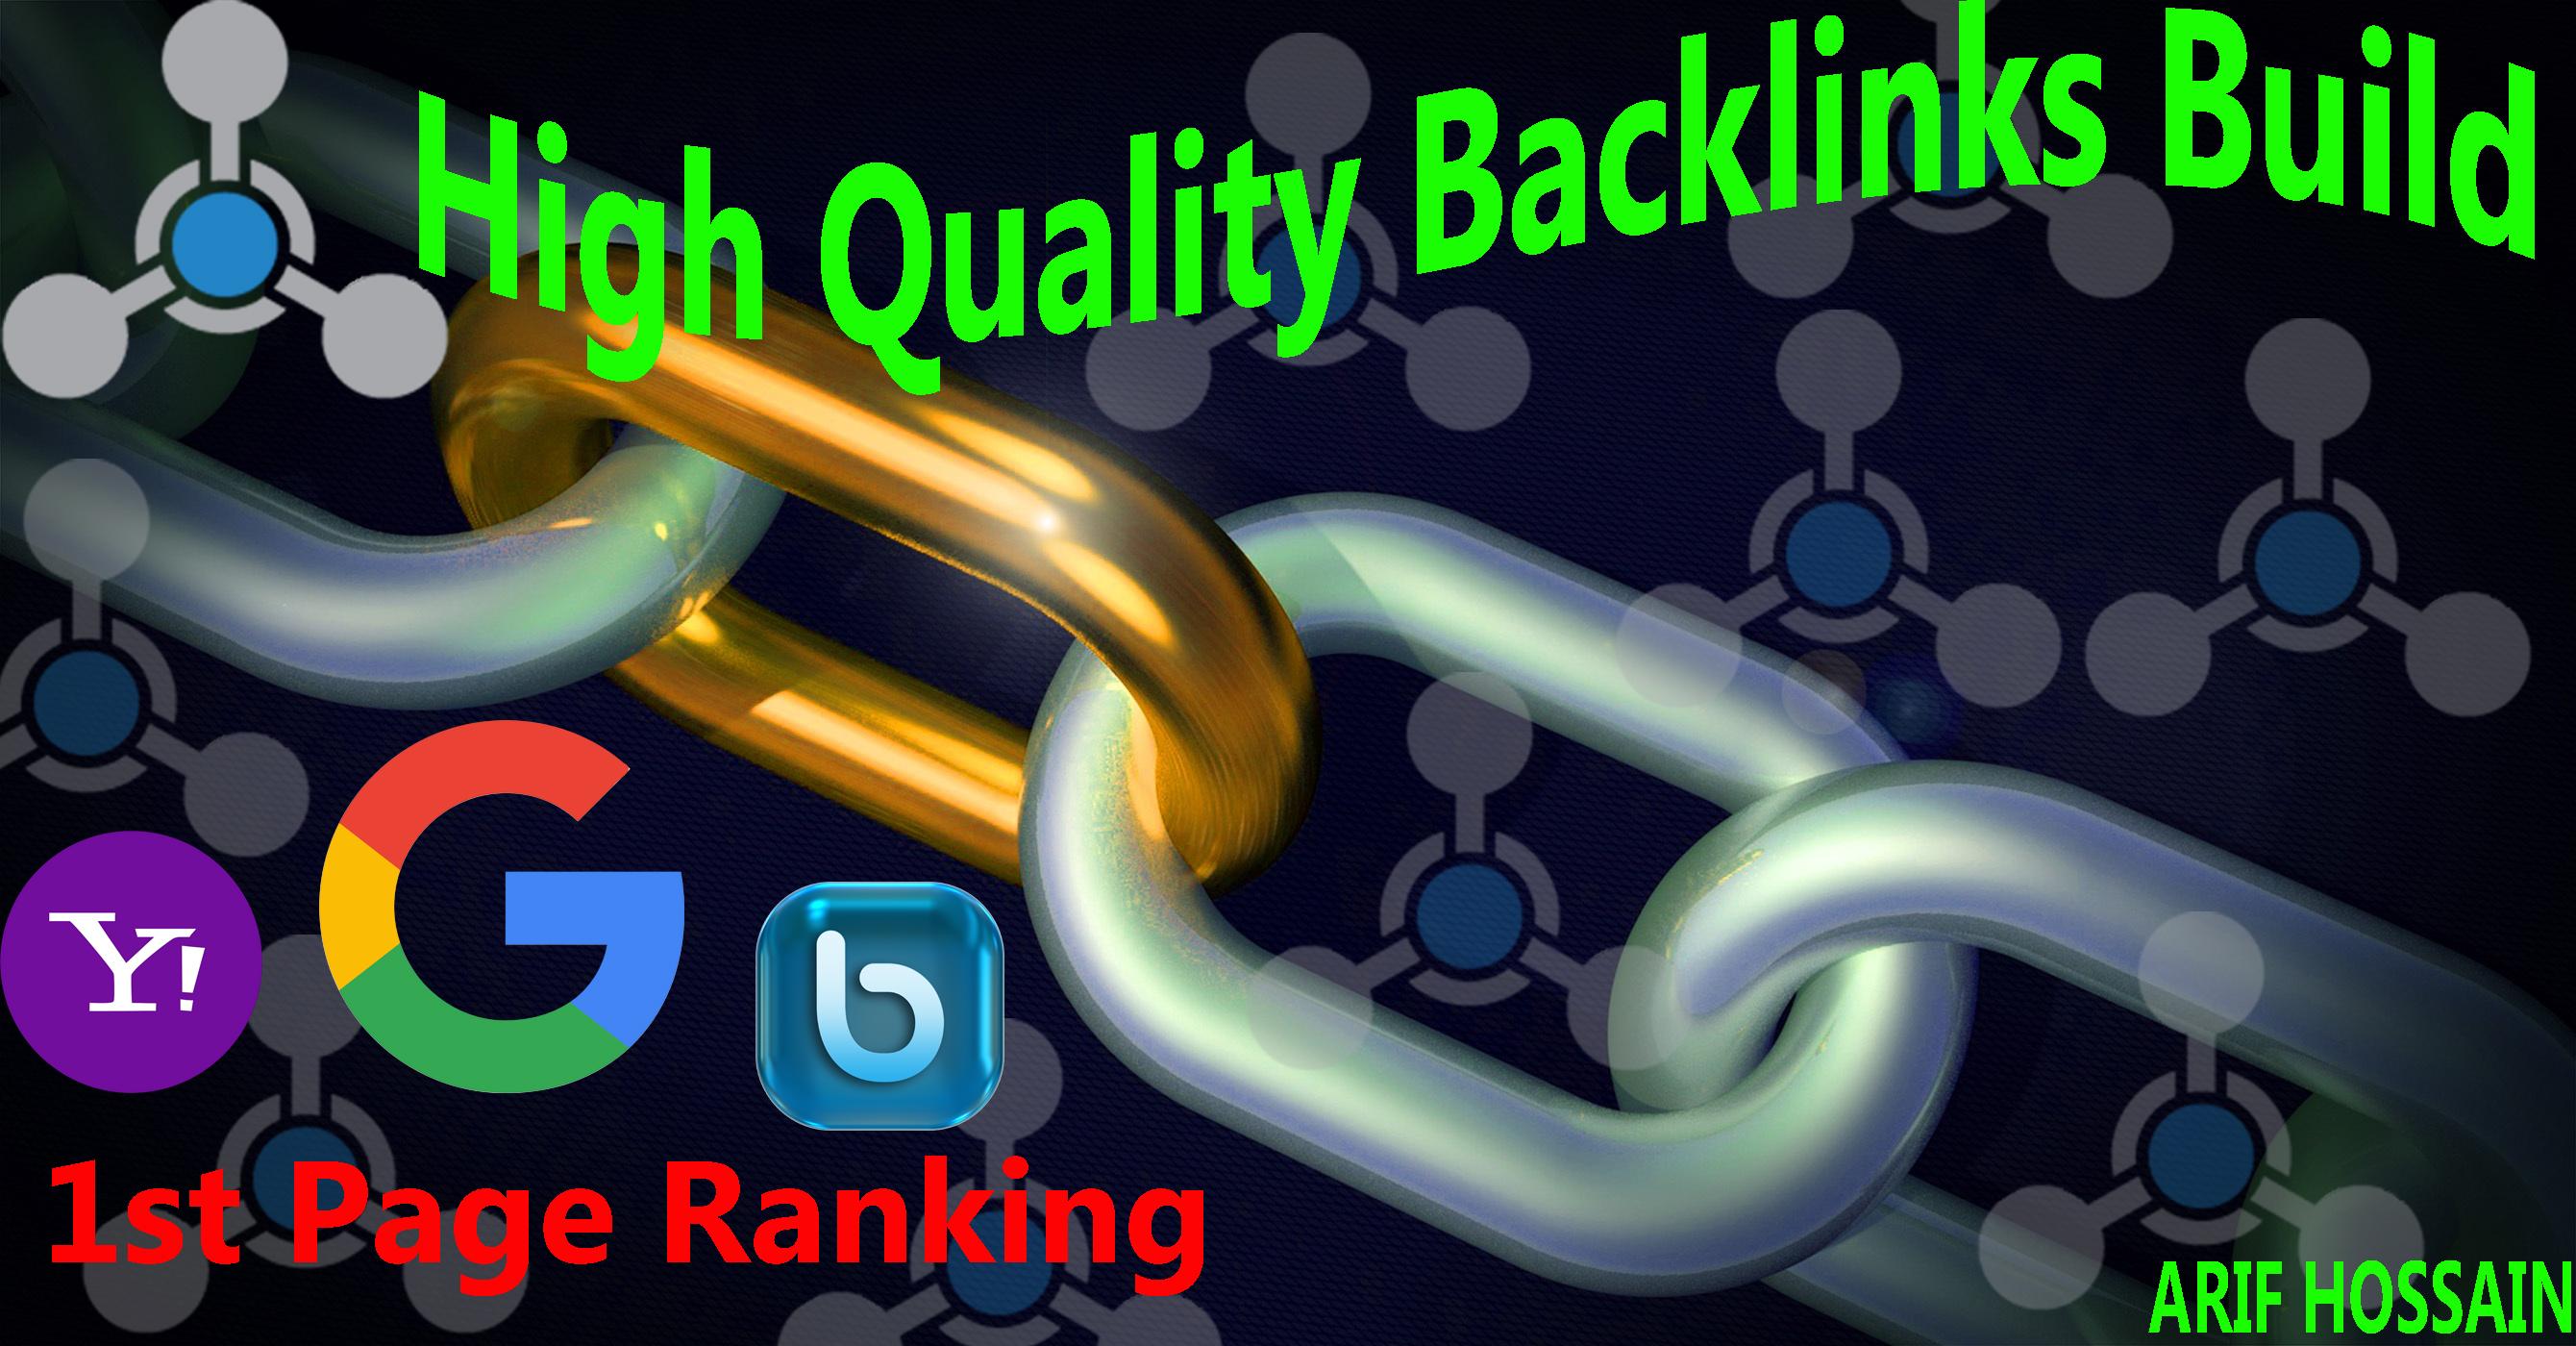 DA PA 80+ and PR 7+ web 2.0 site HQ 30+ Backlinks cre...